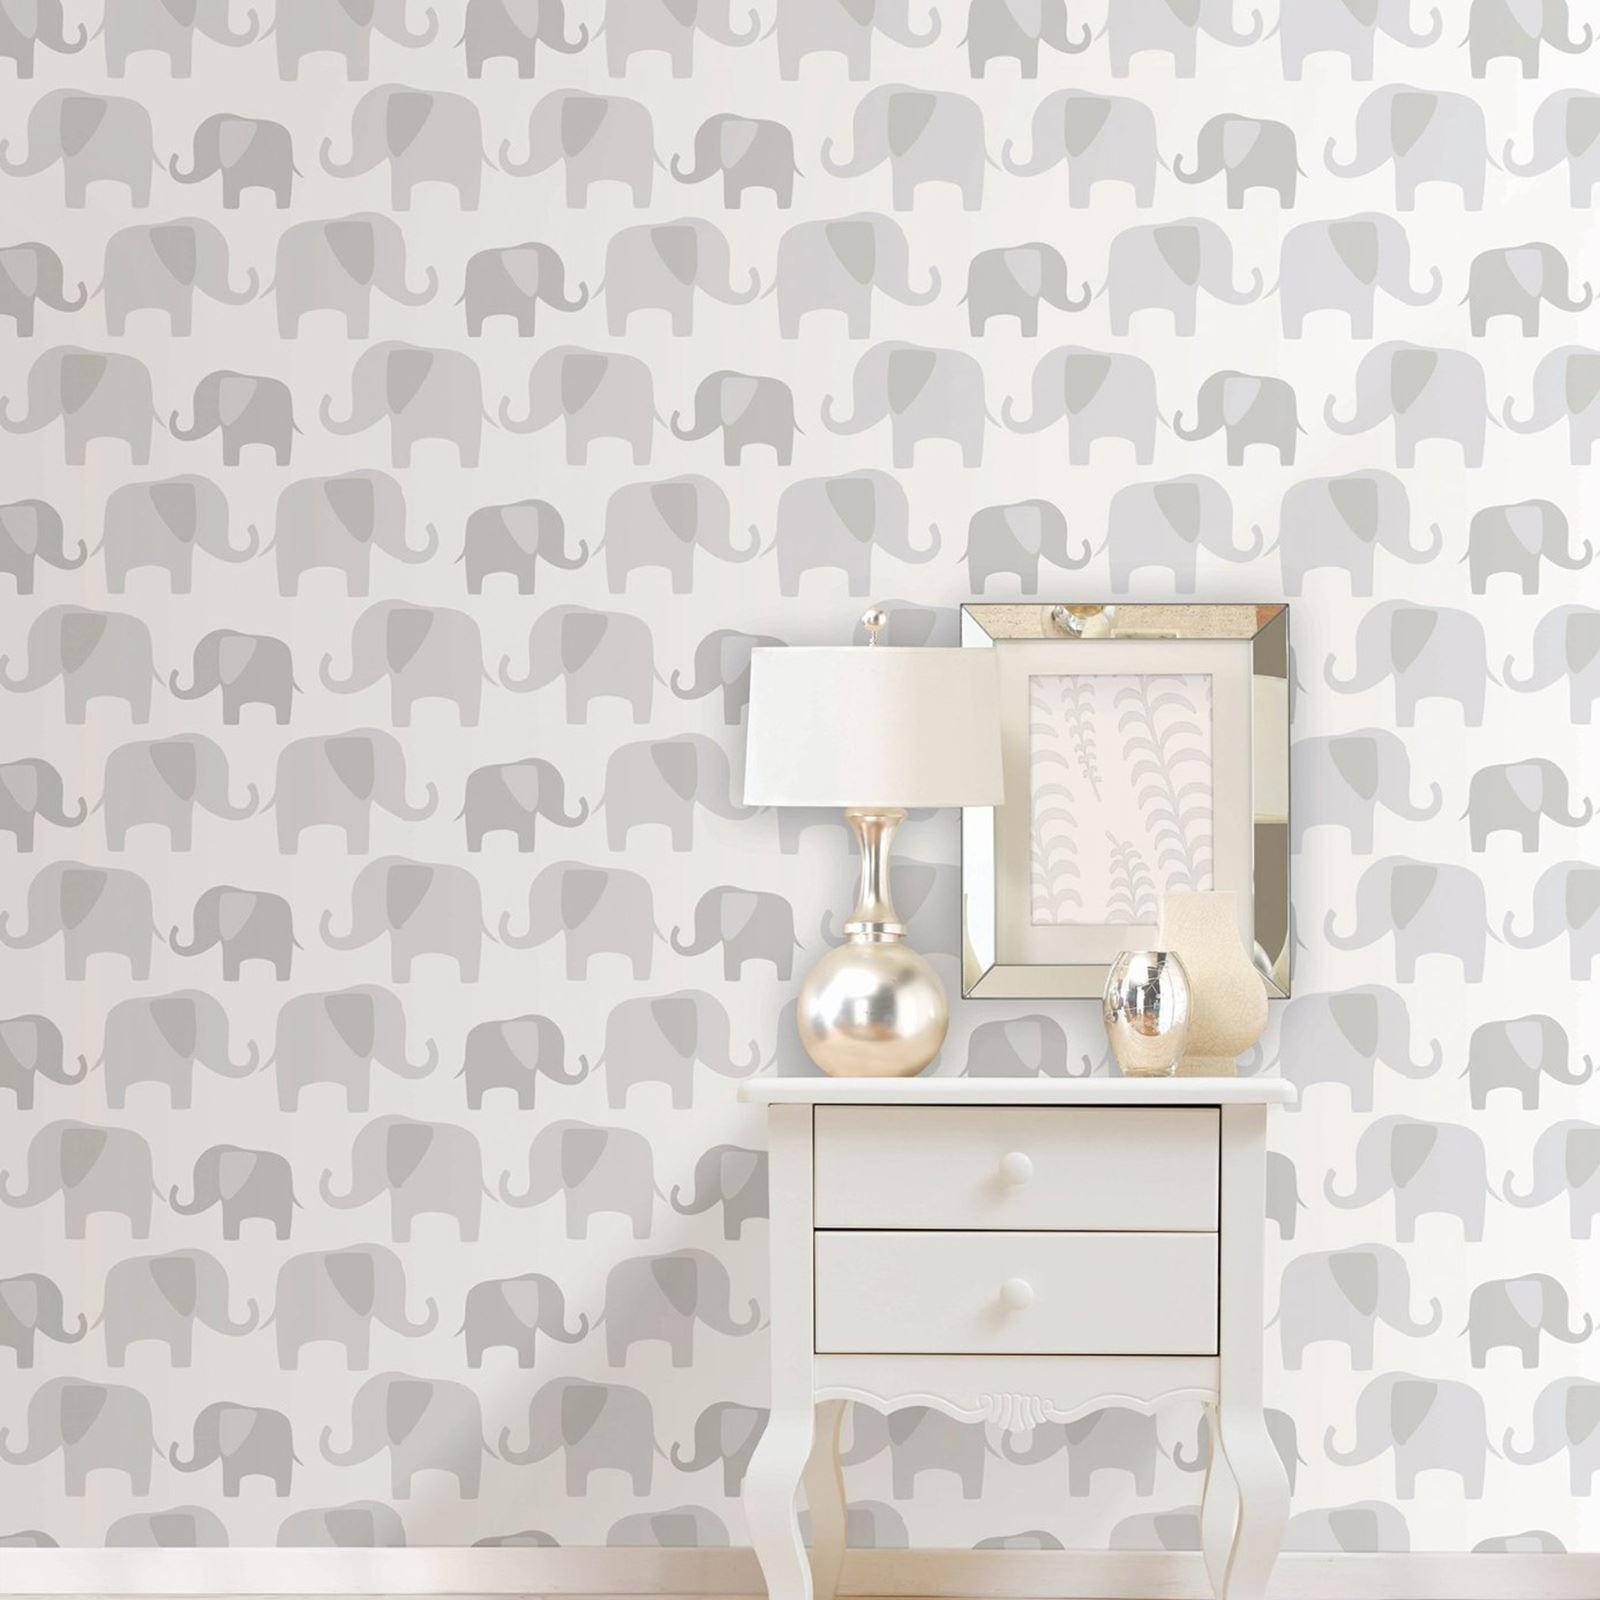 abziehen und aufkleben kinderzimmer tapete kinder schlafzimmer ebay. Black Bedroom Furniture Sets. Home Design Ideas